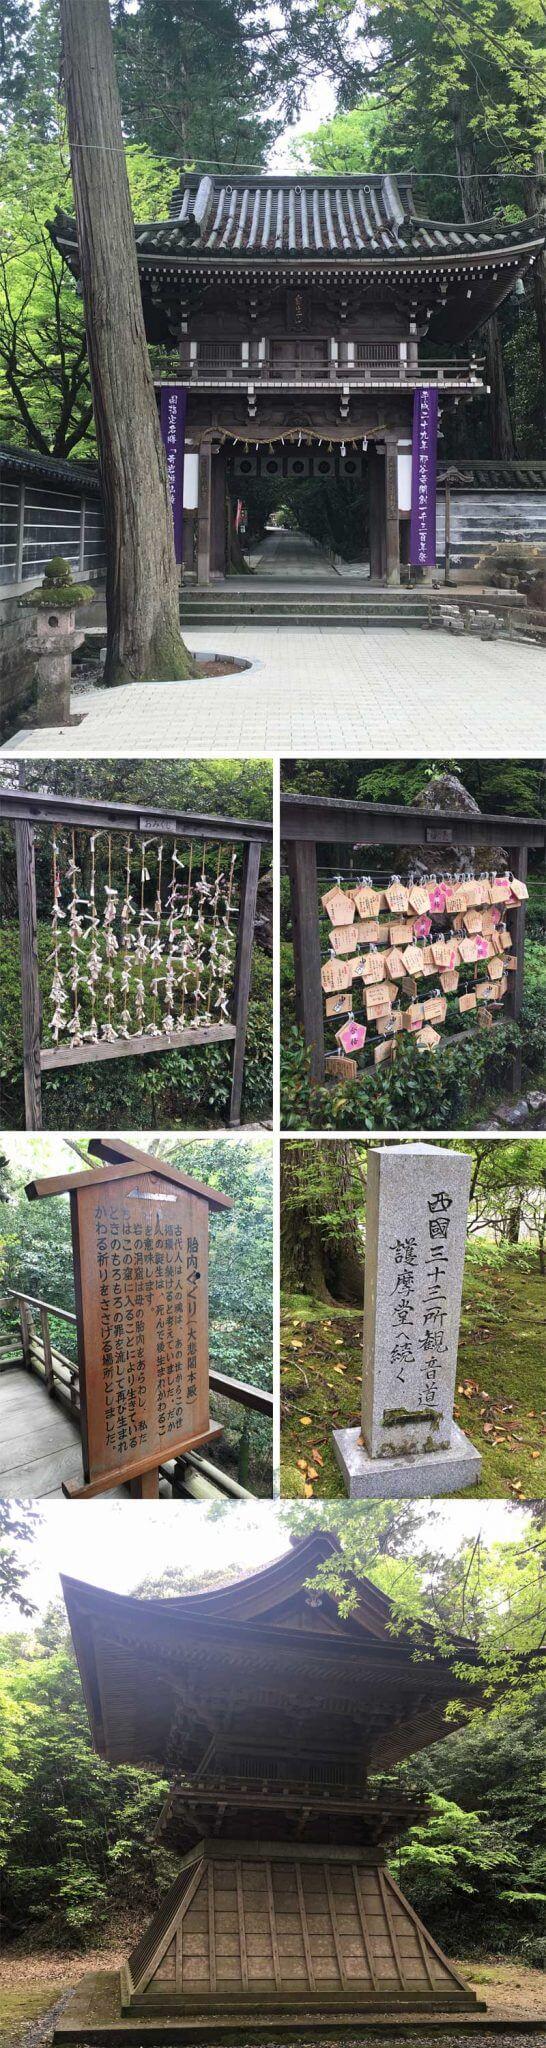 Templo Natadera japão juro valendo